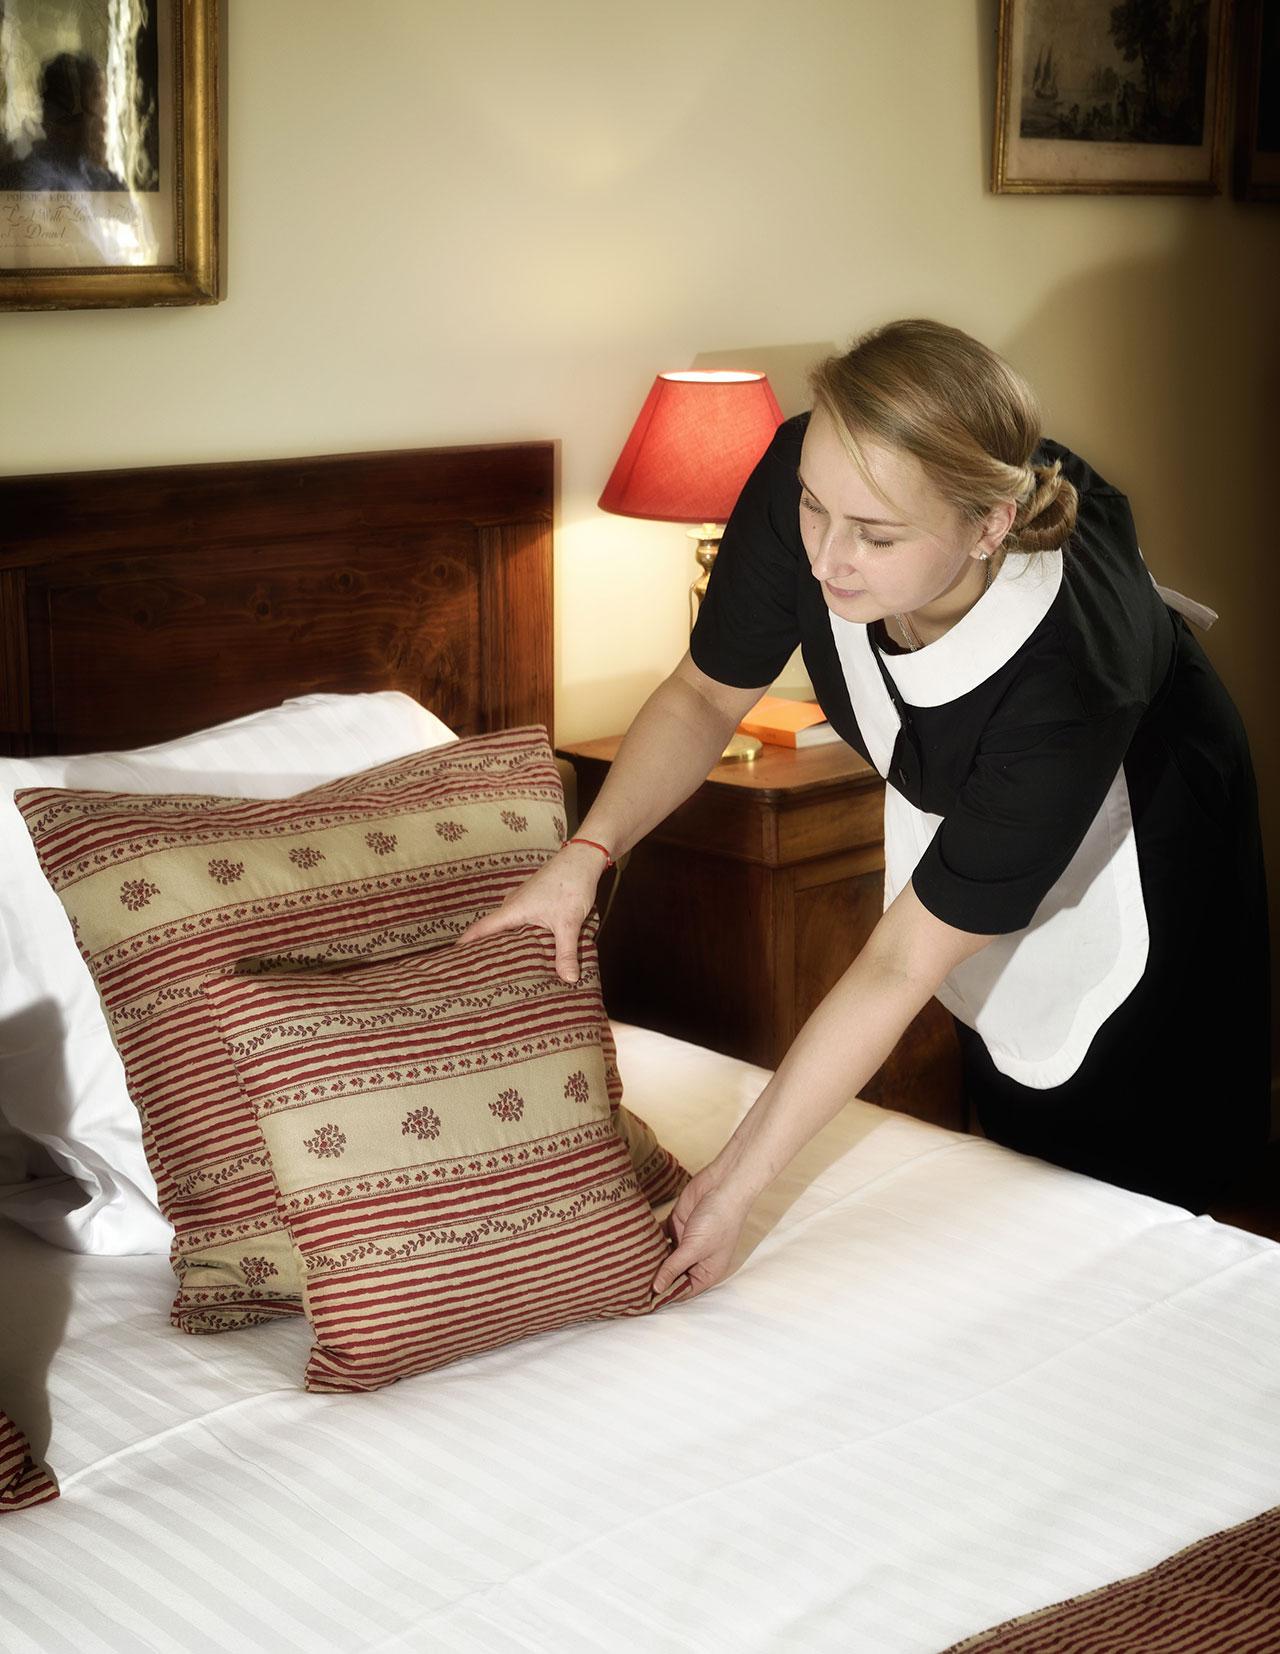 Femme valet de chambre fiche m tier de l 39 tage - Femmes de chambre synonyme ...